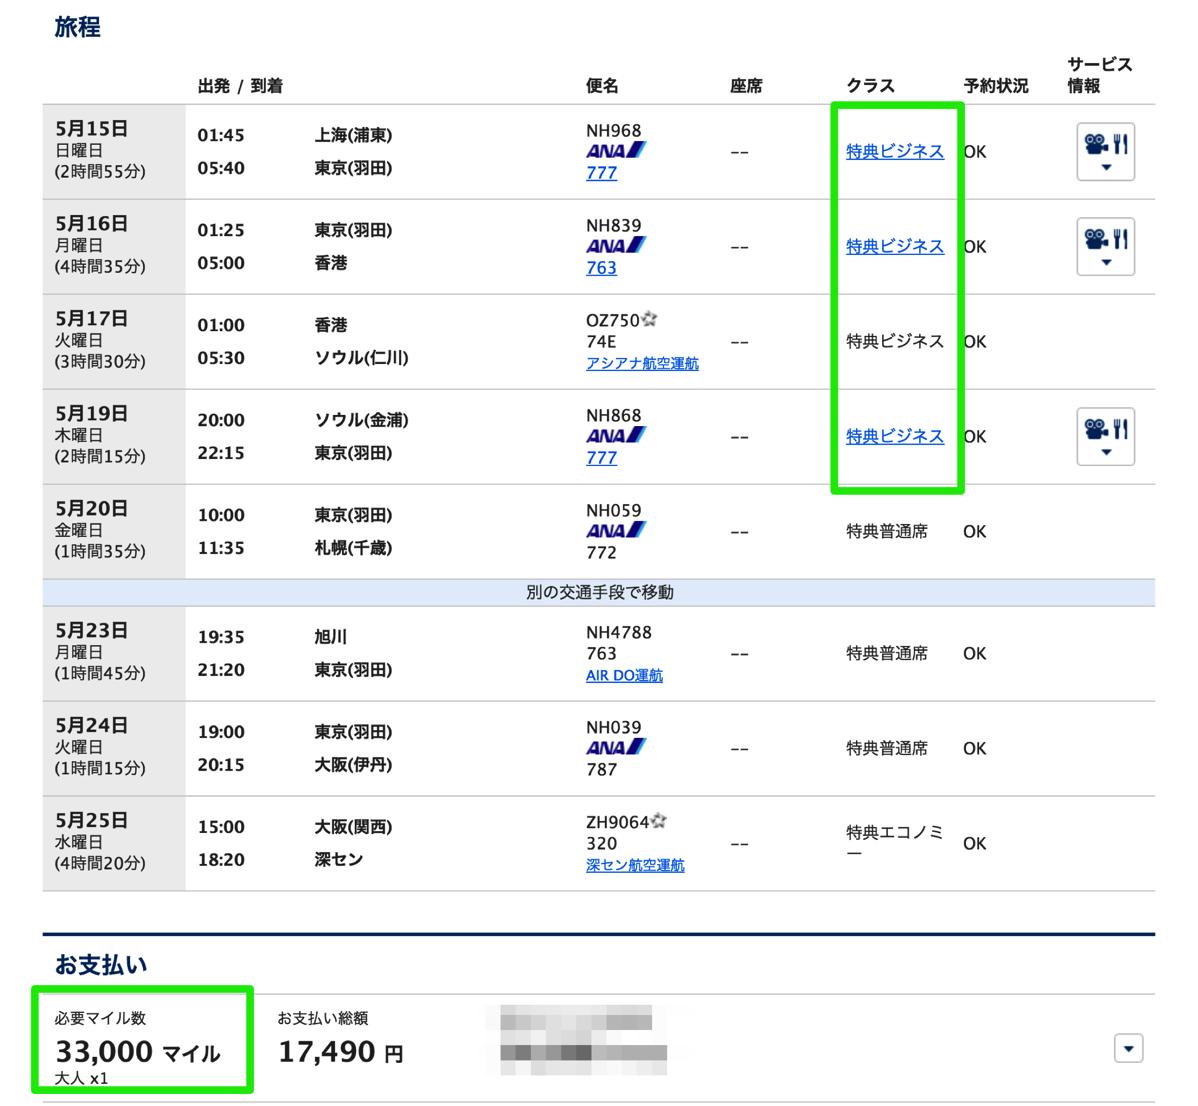 スターアライアンス特典航空券:ビジネスクラス4区間を「片道分」ANAマイルと交換する方法